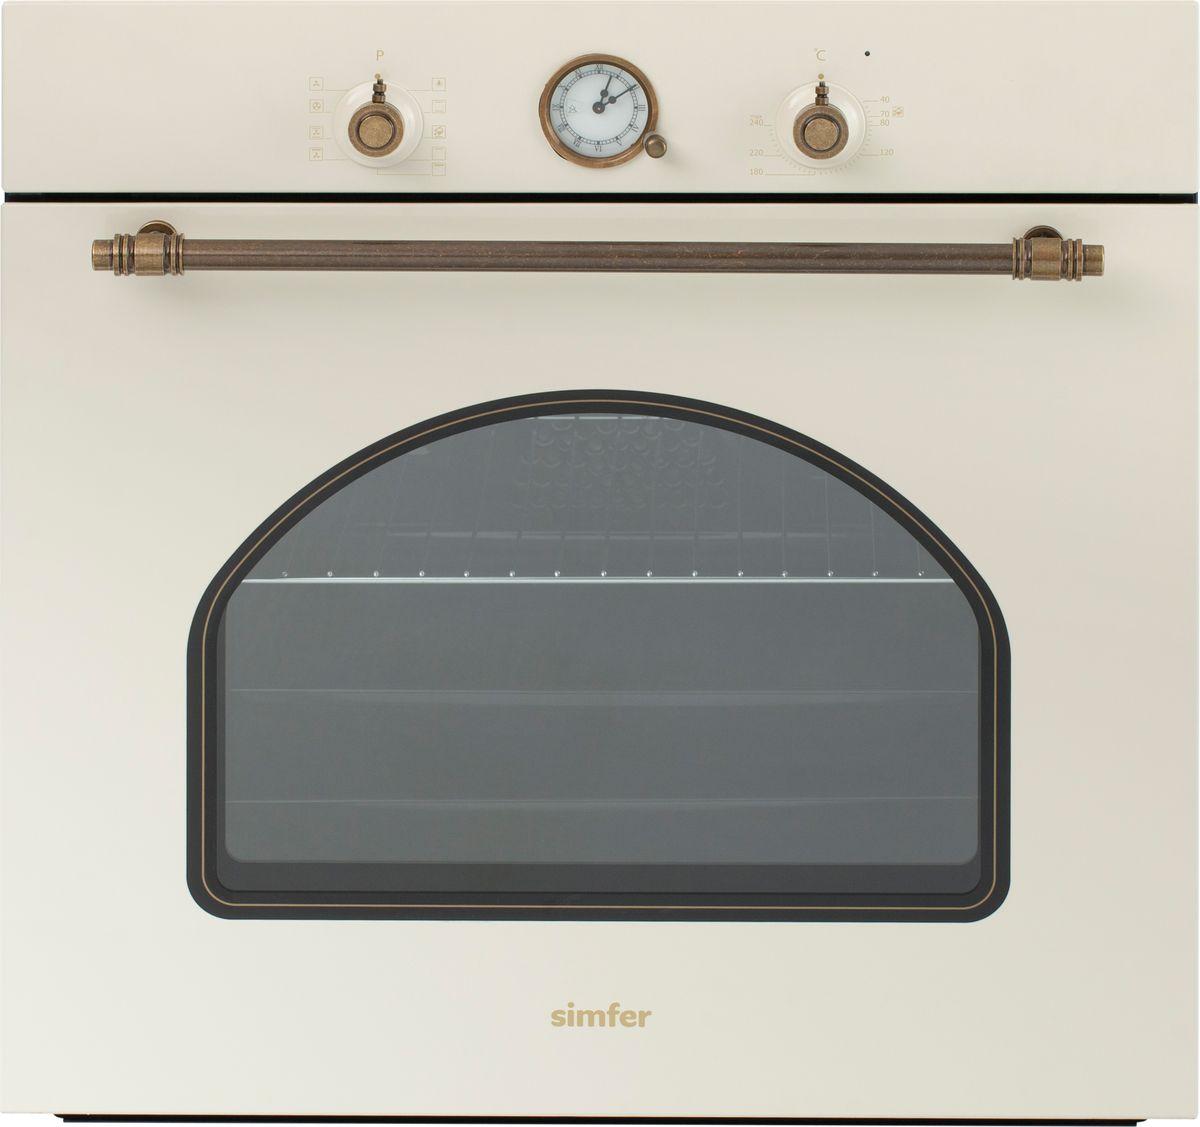 Электрический духовой шкаф Simfer B6EO77017 духовой шкаф simfer b6eb16011